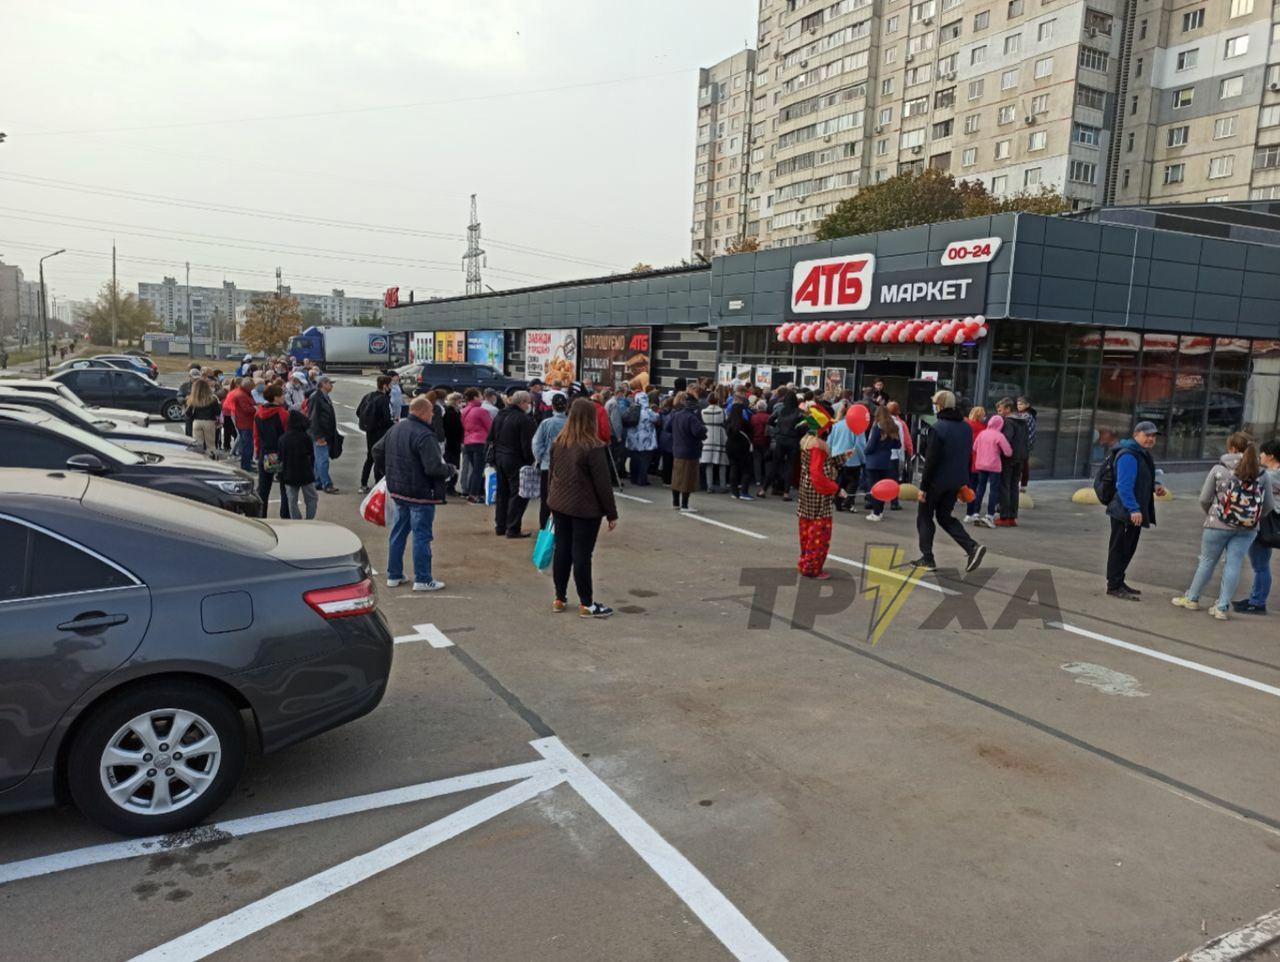 Який там карантин: в Харкові натовп людей взяв штурмом новий магазин, фото і відео